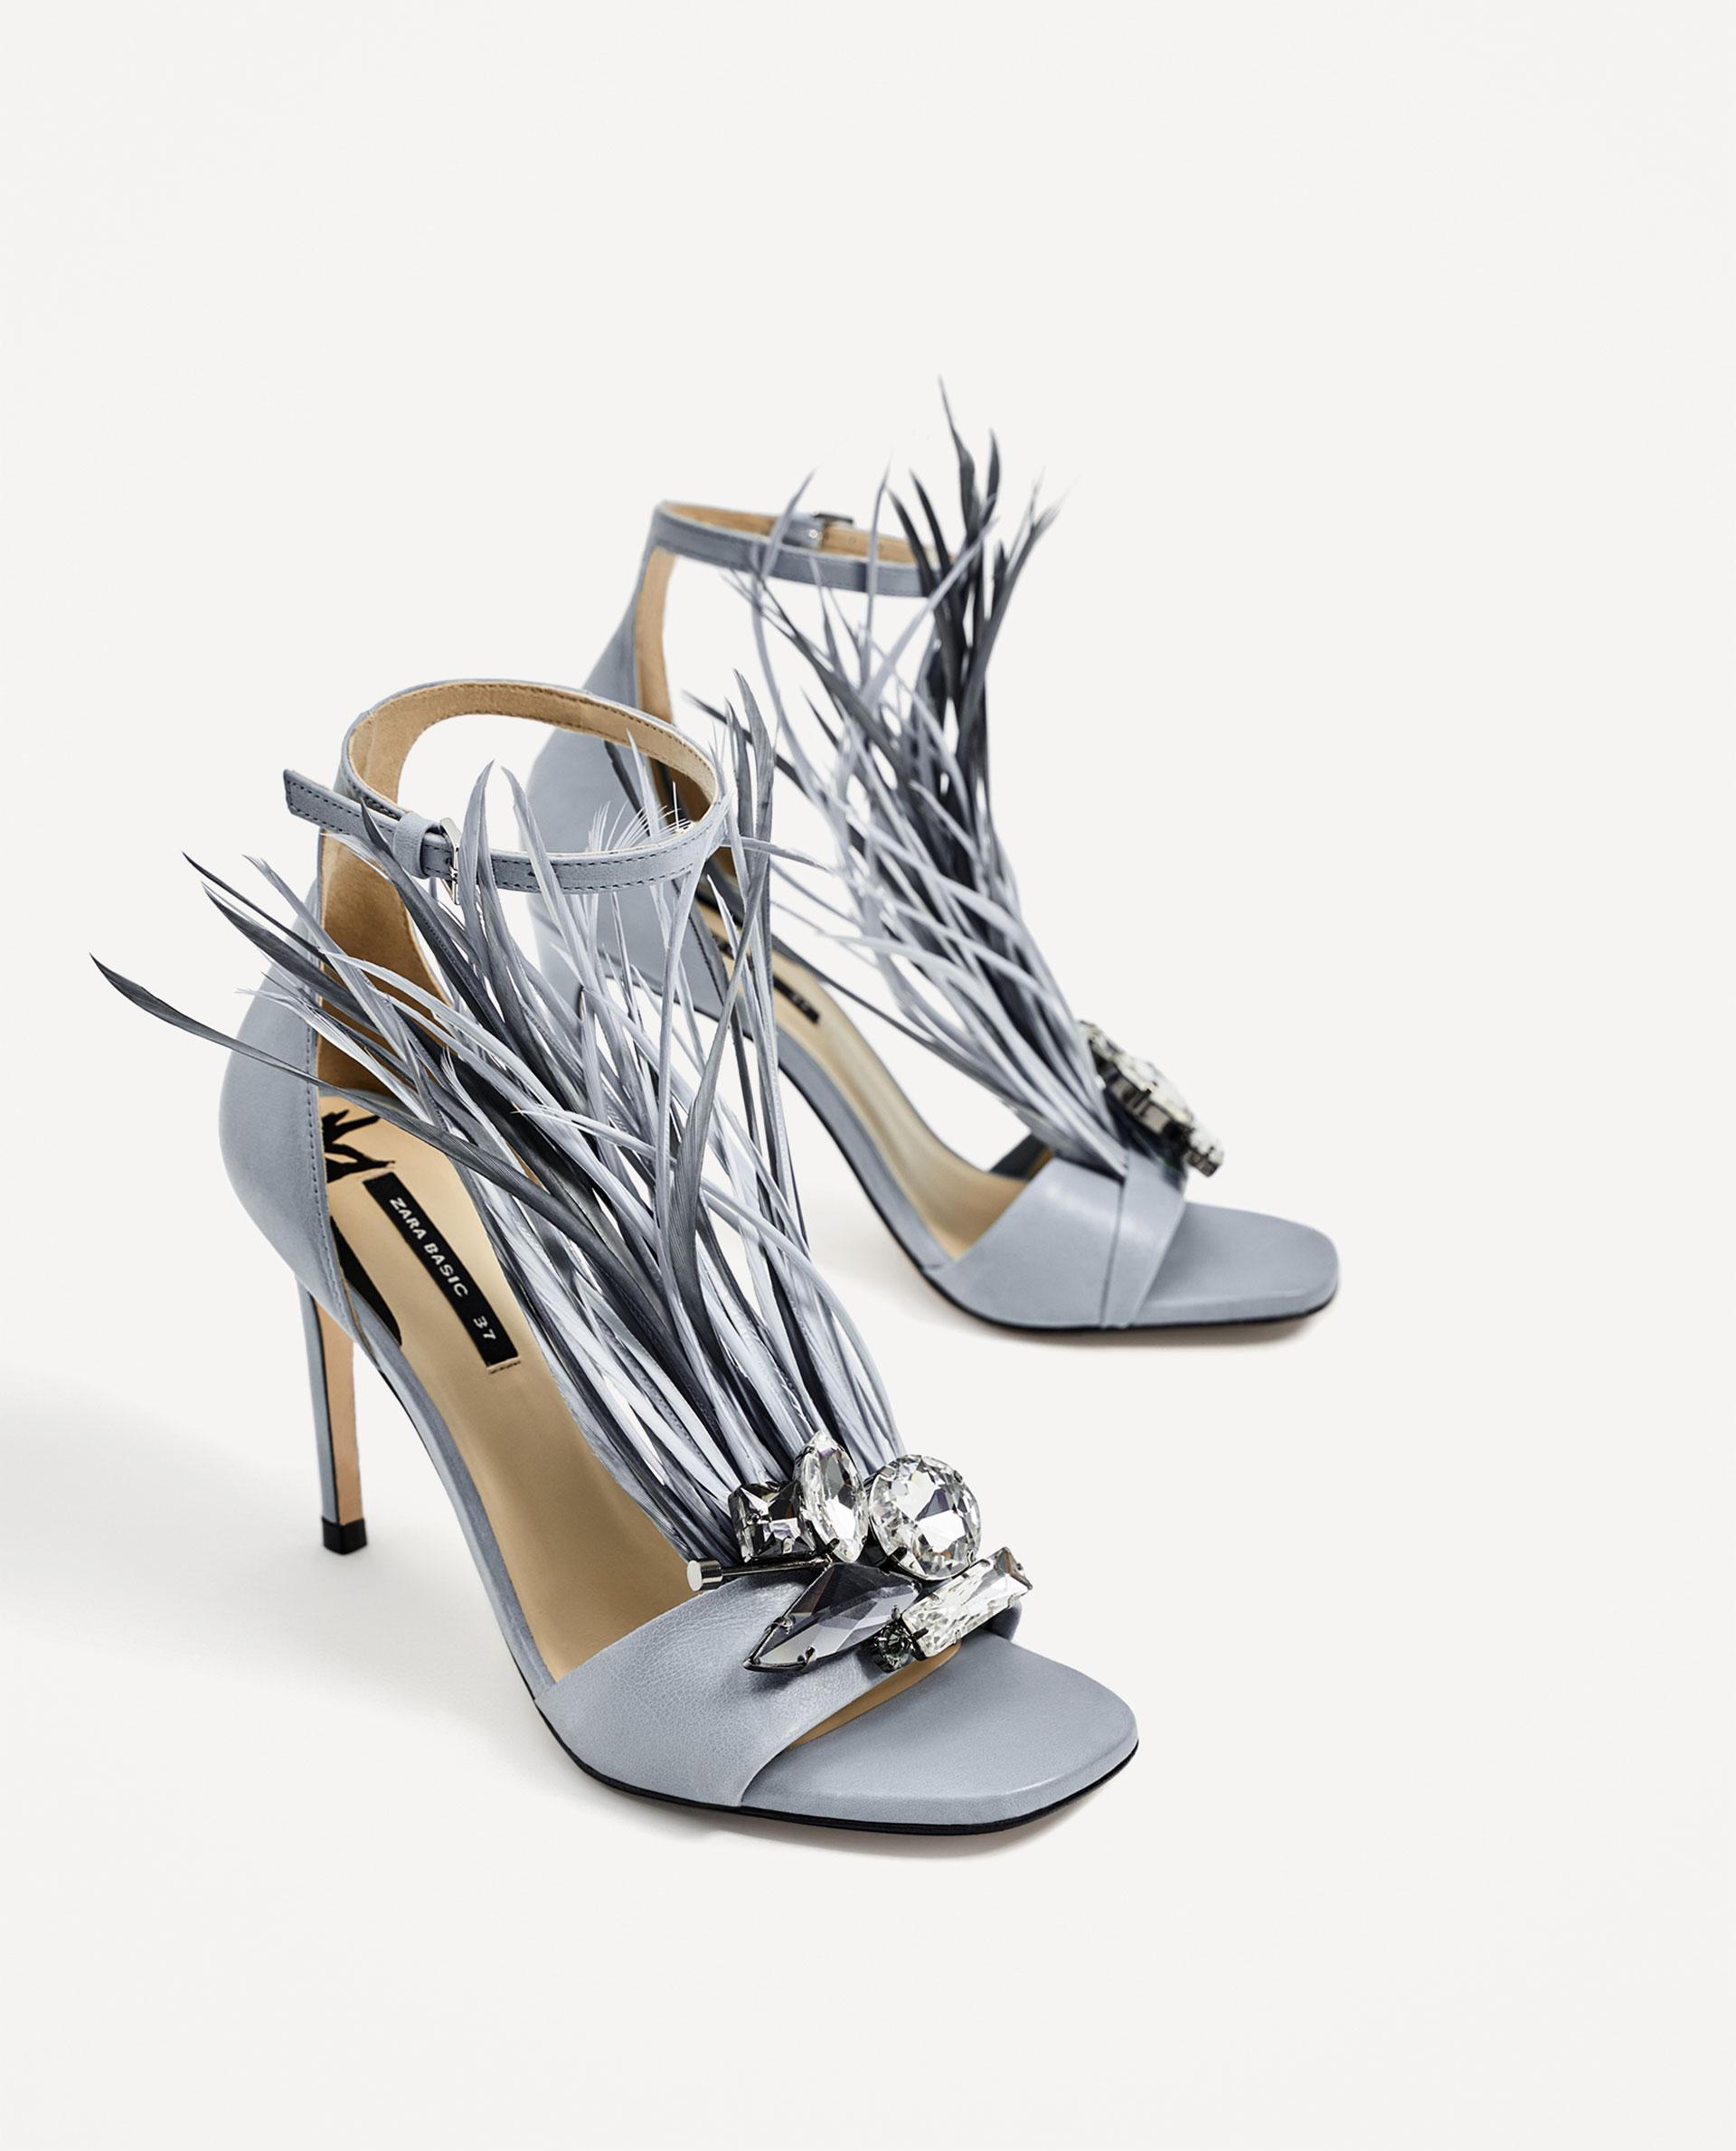 67ec2dcca14e40 Zara nowe szpilki skórzane sandały z piórami blue - 7192445385 ...